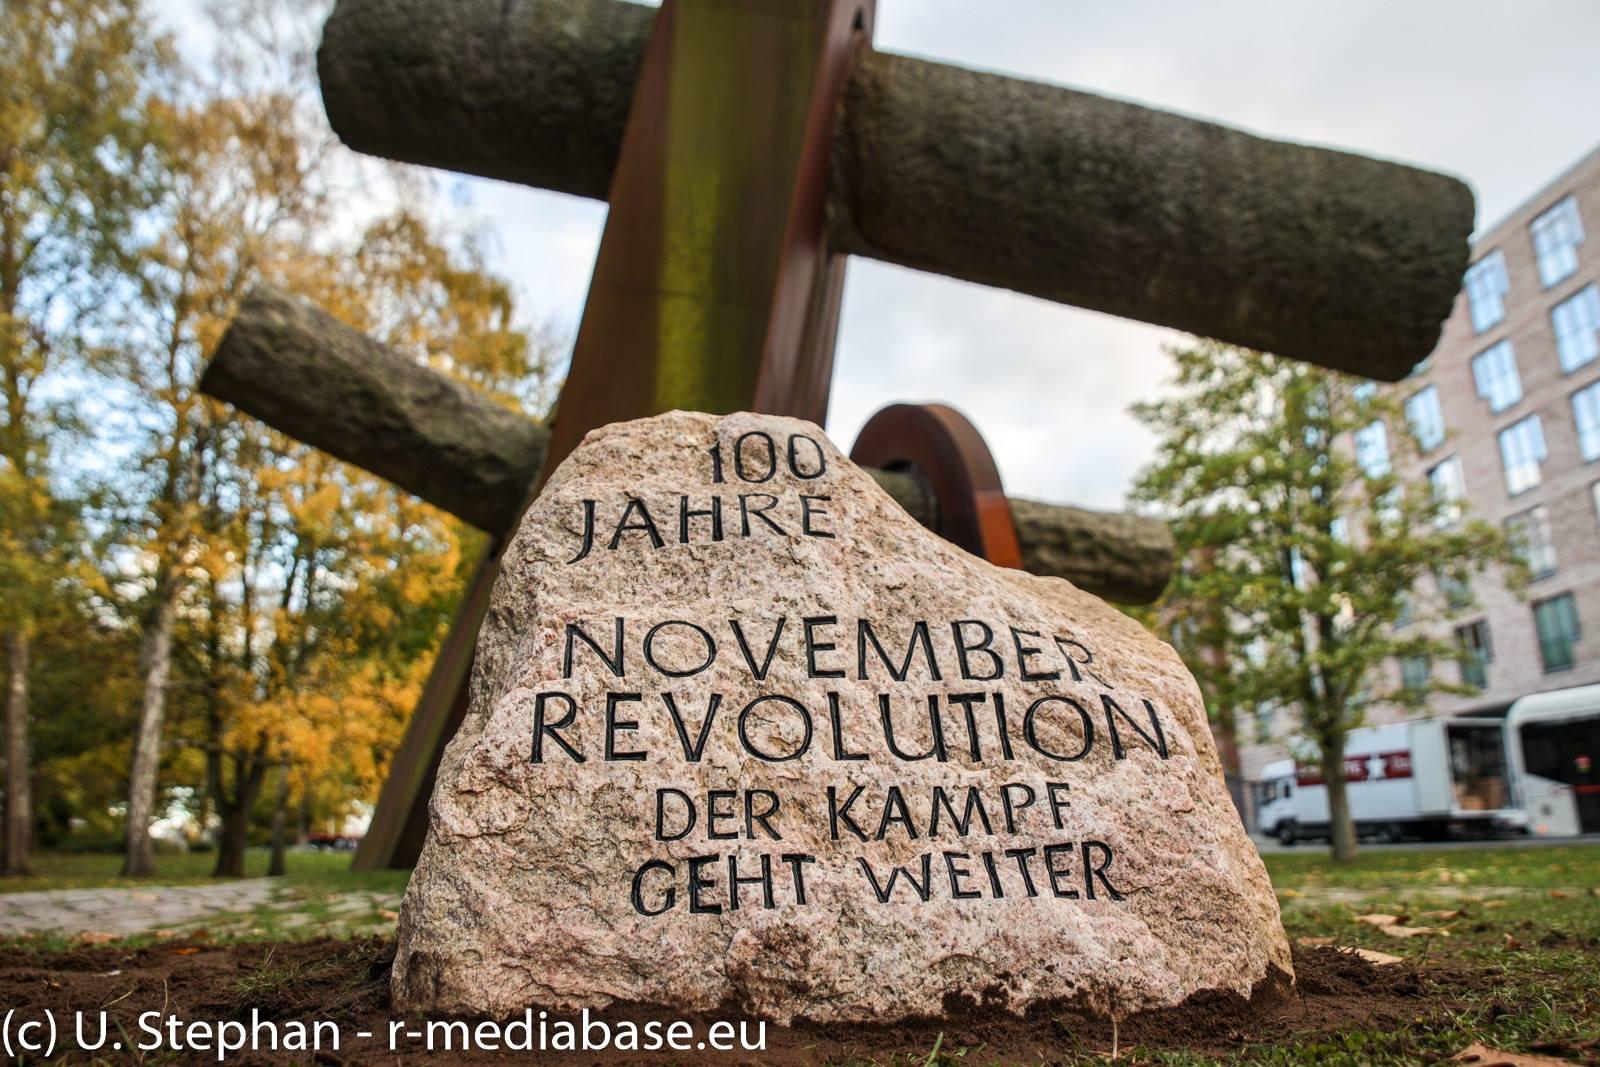 In Kiel war ganz schön was los dieses Wochenende. Um die 1000 Demonstranten vers…